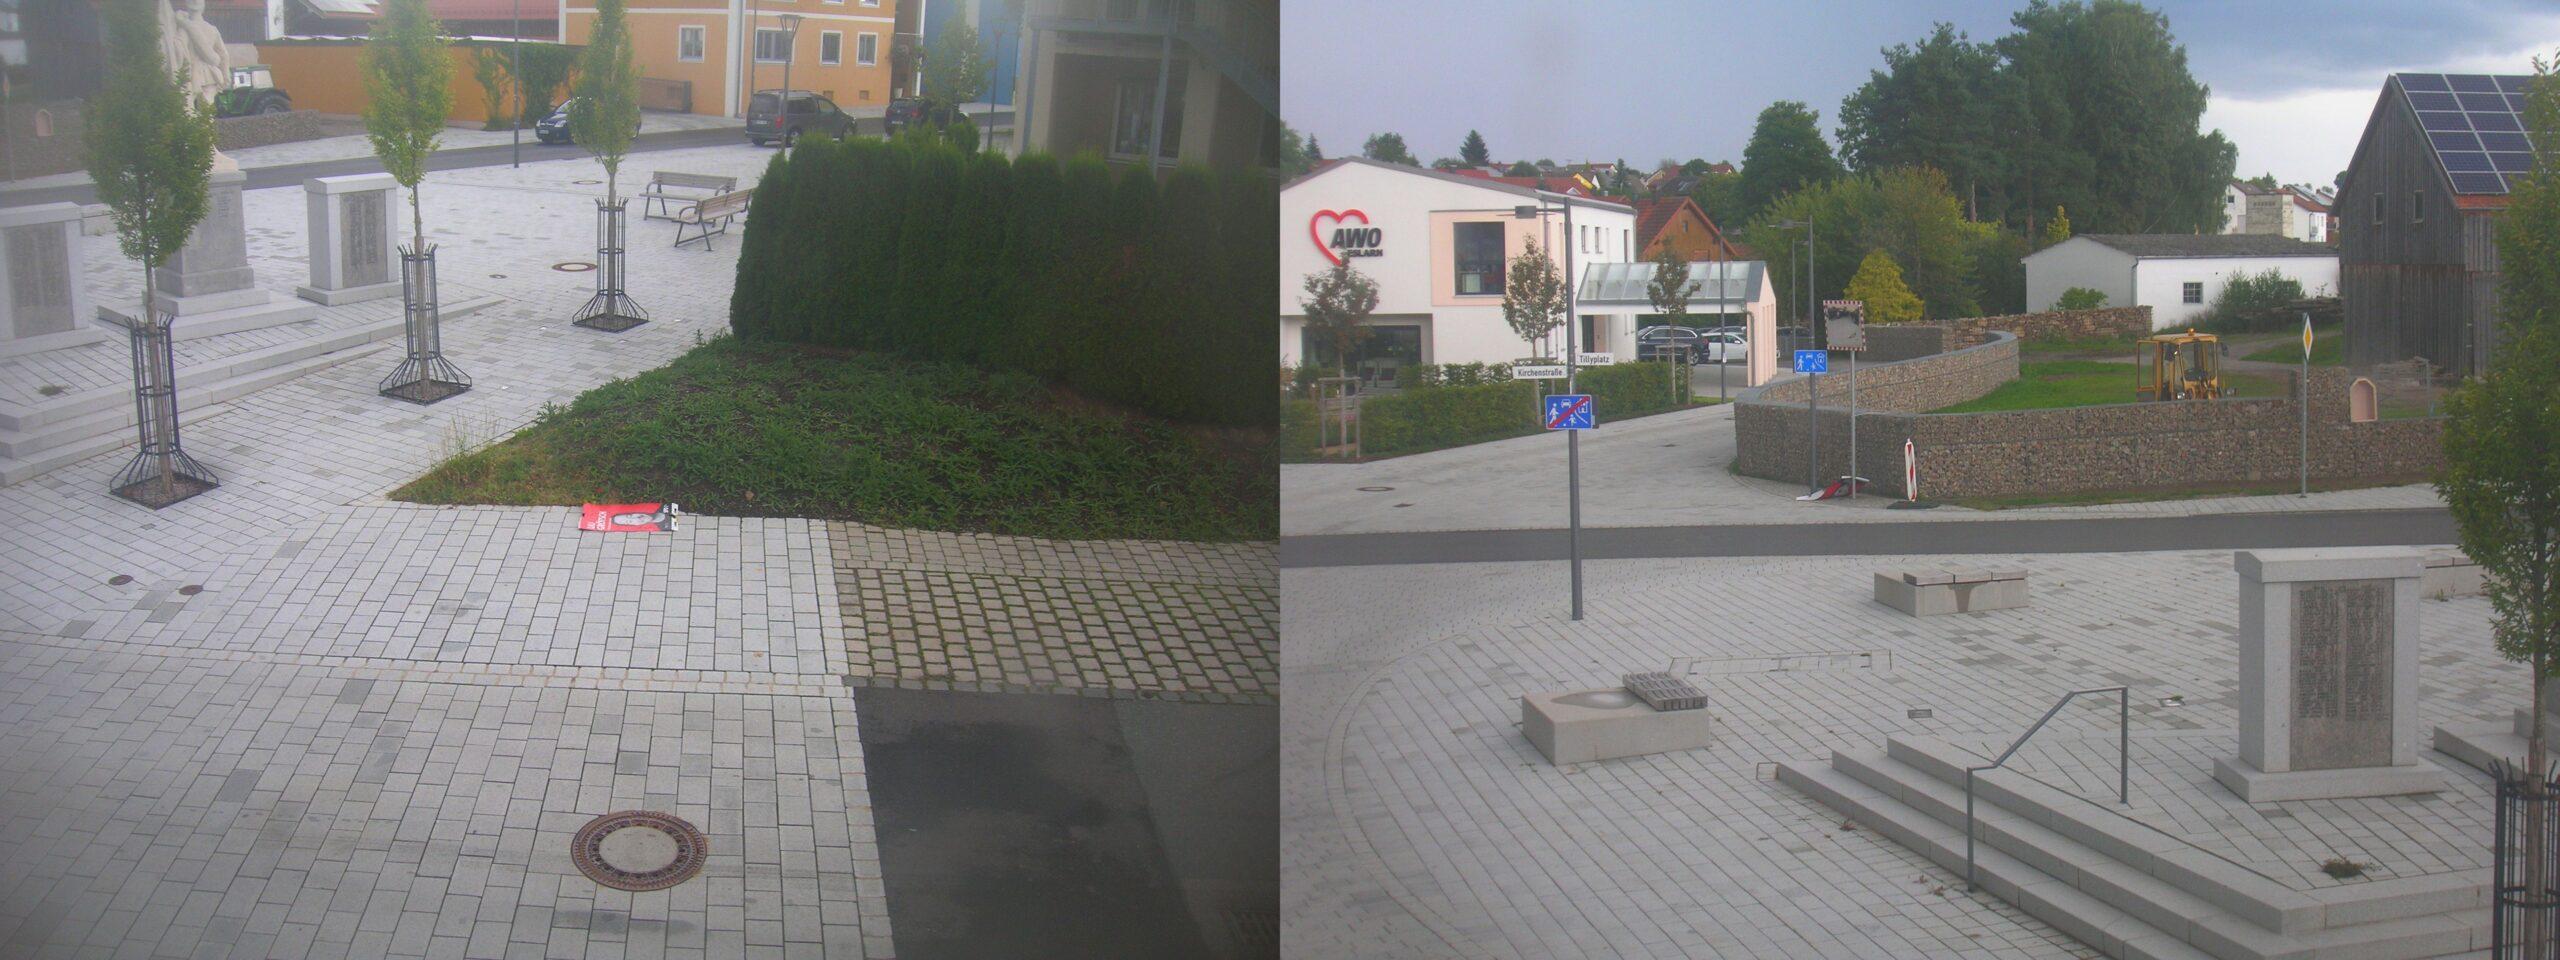 Plakat-Vandalismus in Eslarn